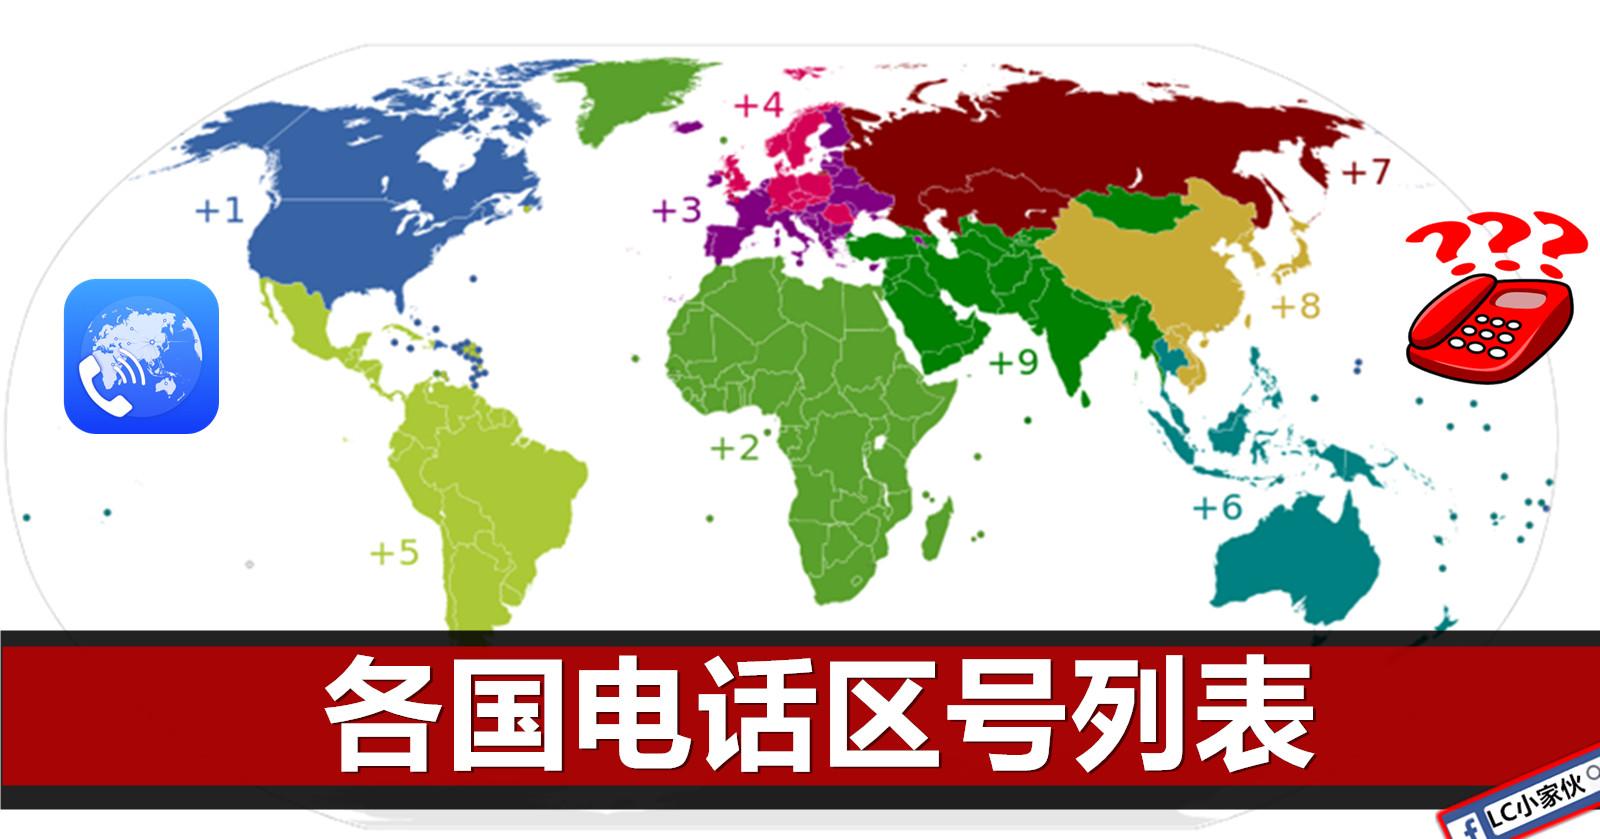 各國國際電話區號 | LC 小傢伙綜合網